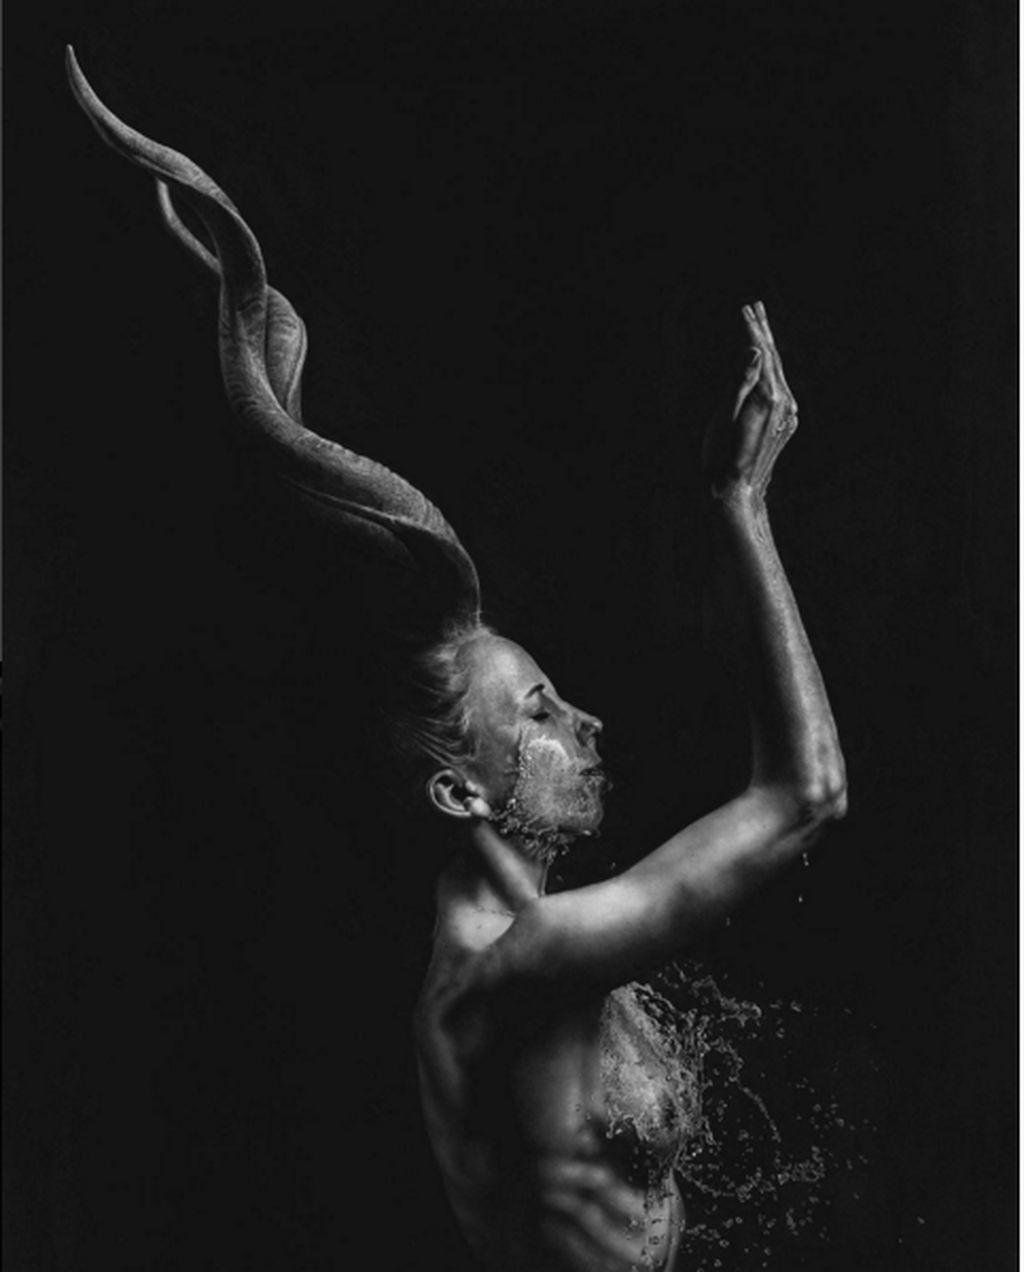 Seniman itu bernama Jono Dry, ia melukis aliran lukisan photorealistic. Lukisan Photorealistic adalah lukisan yang mirip dengan hasil dari jepretan kamera. (Foto: Instagram/jonodry)